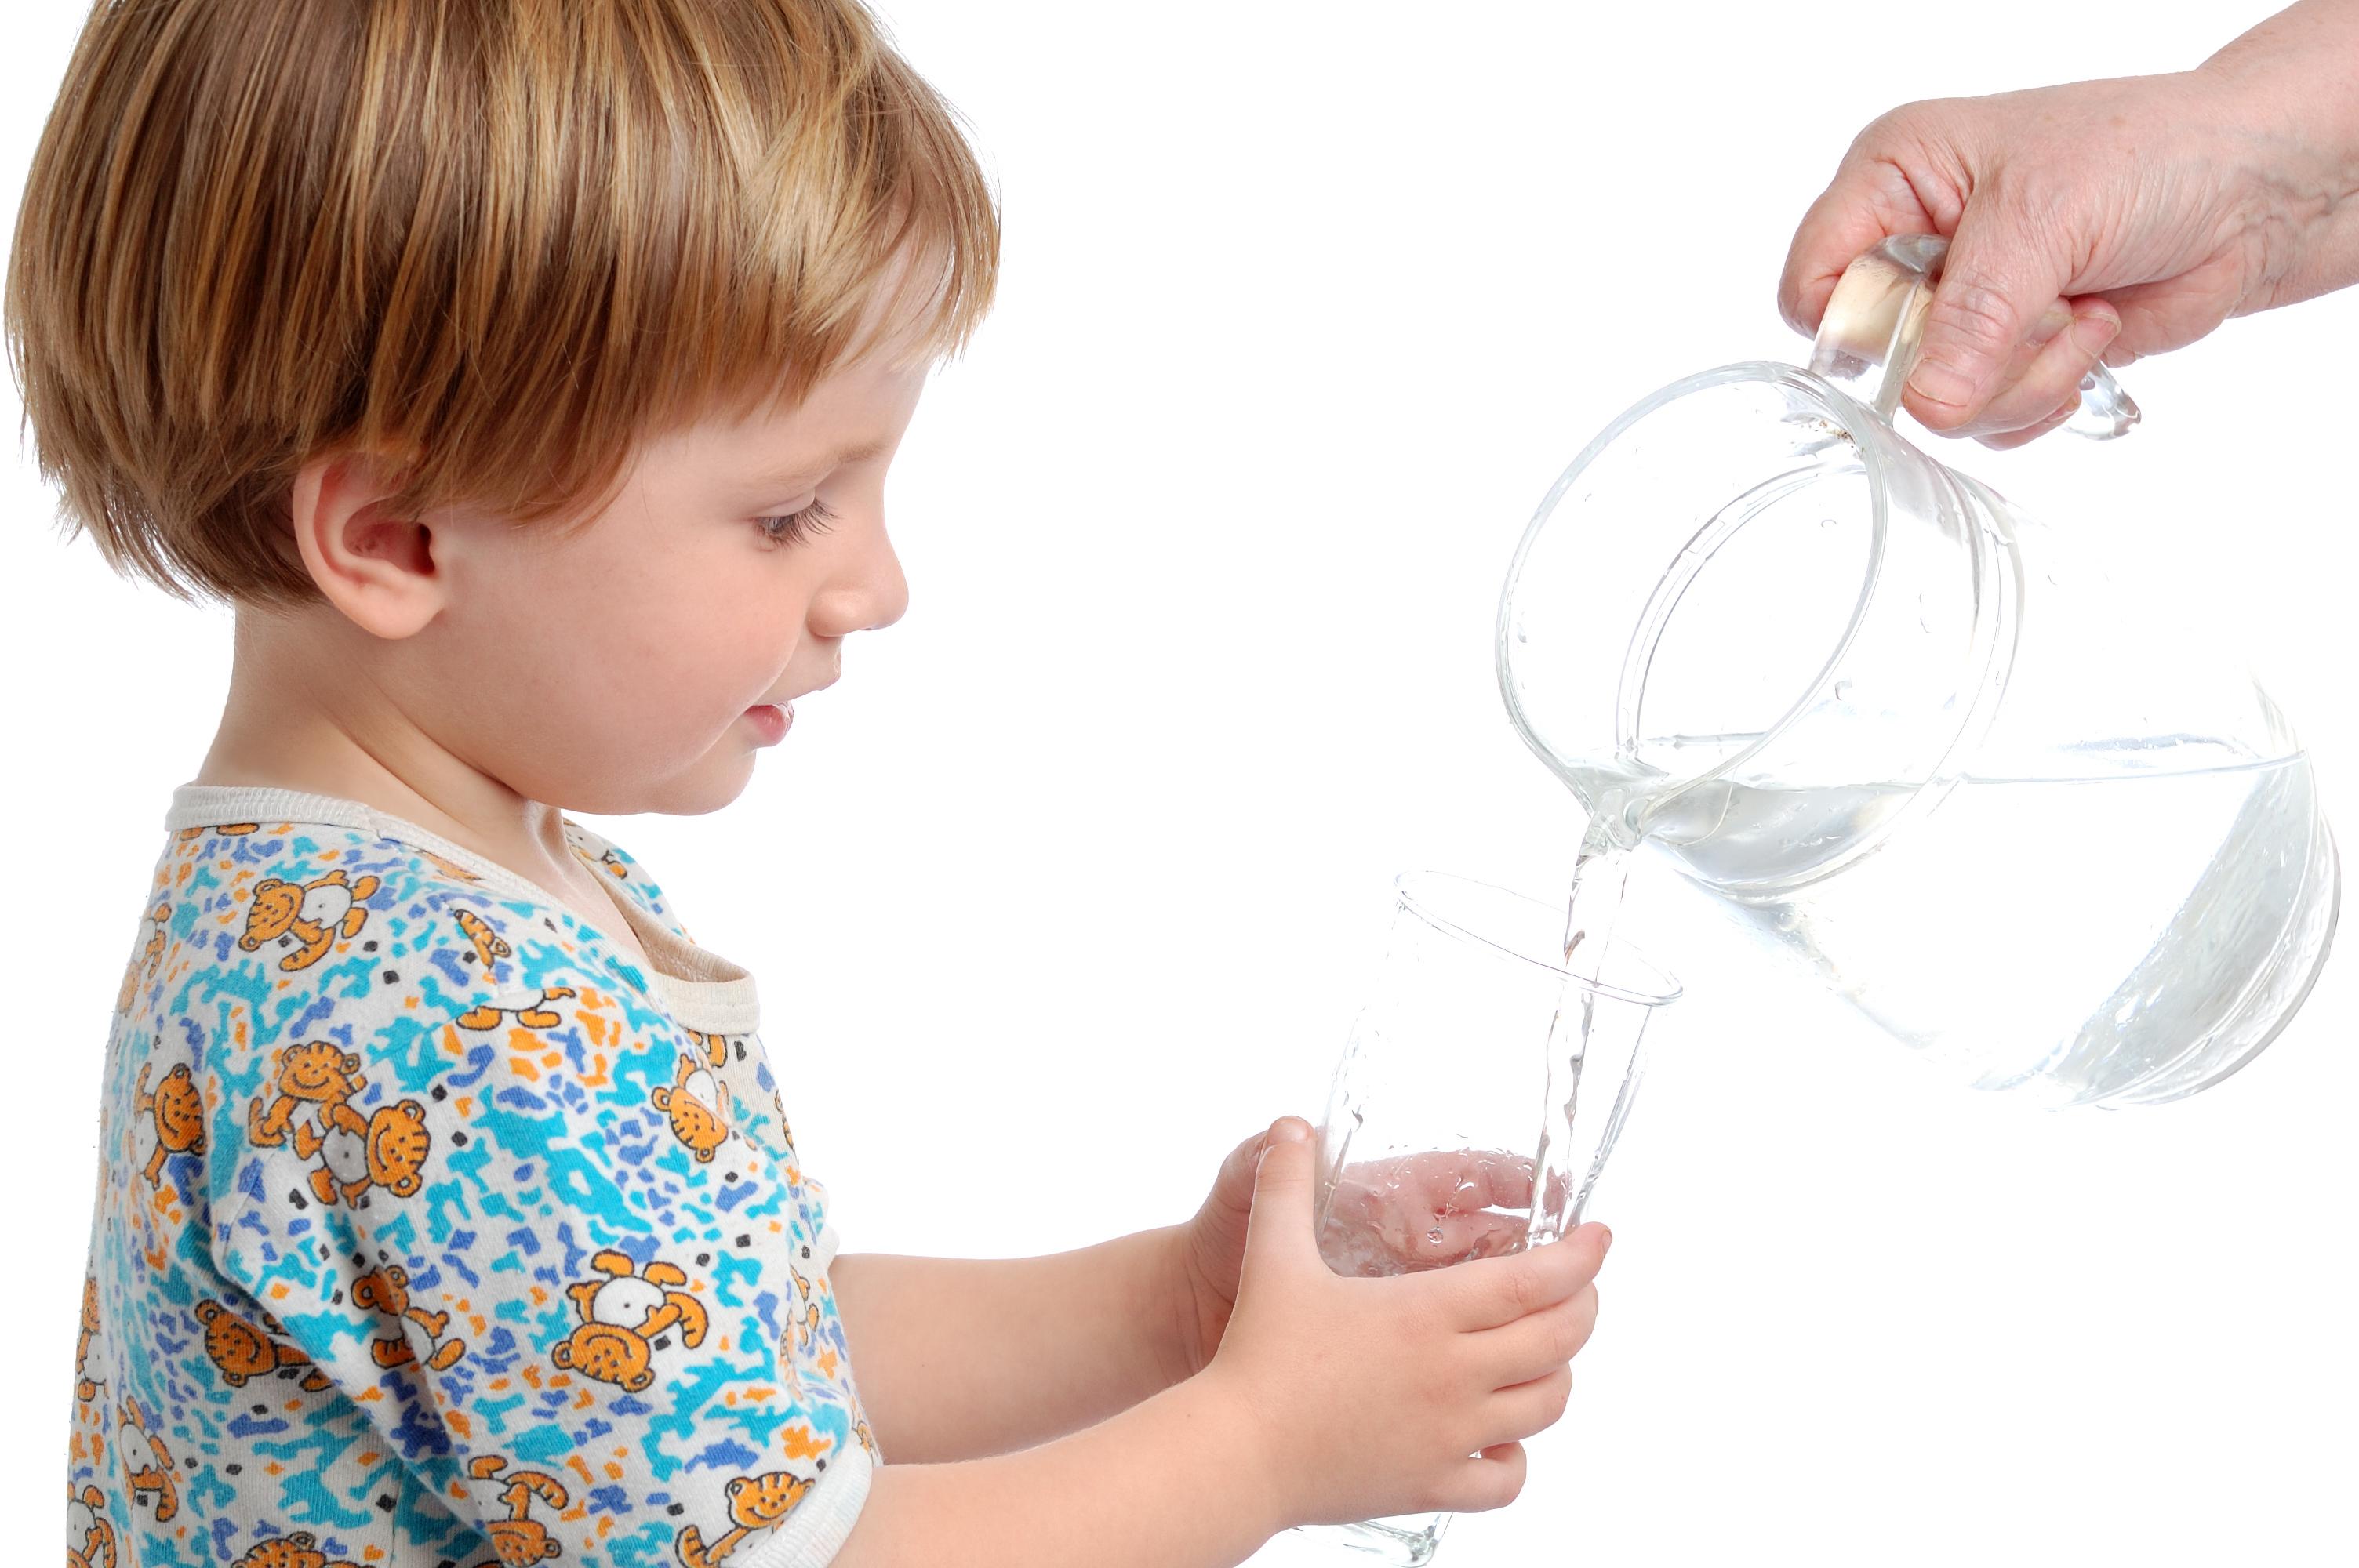 Disidratazione bambini e neonati: cause, sintomi, conseguenze e rimedi